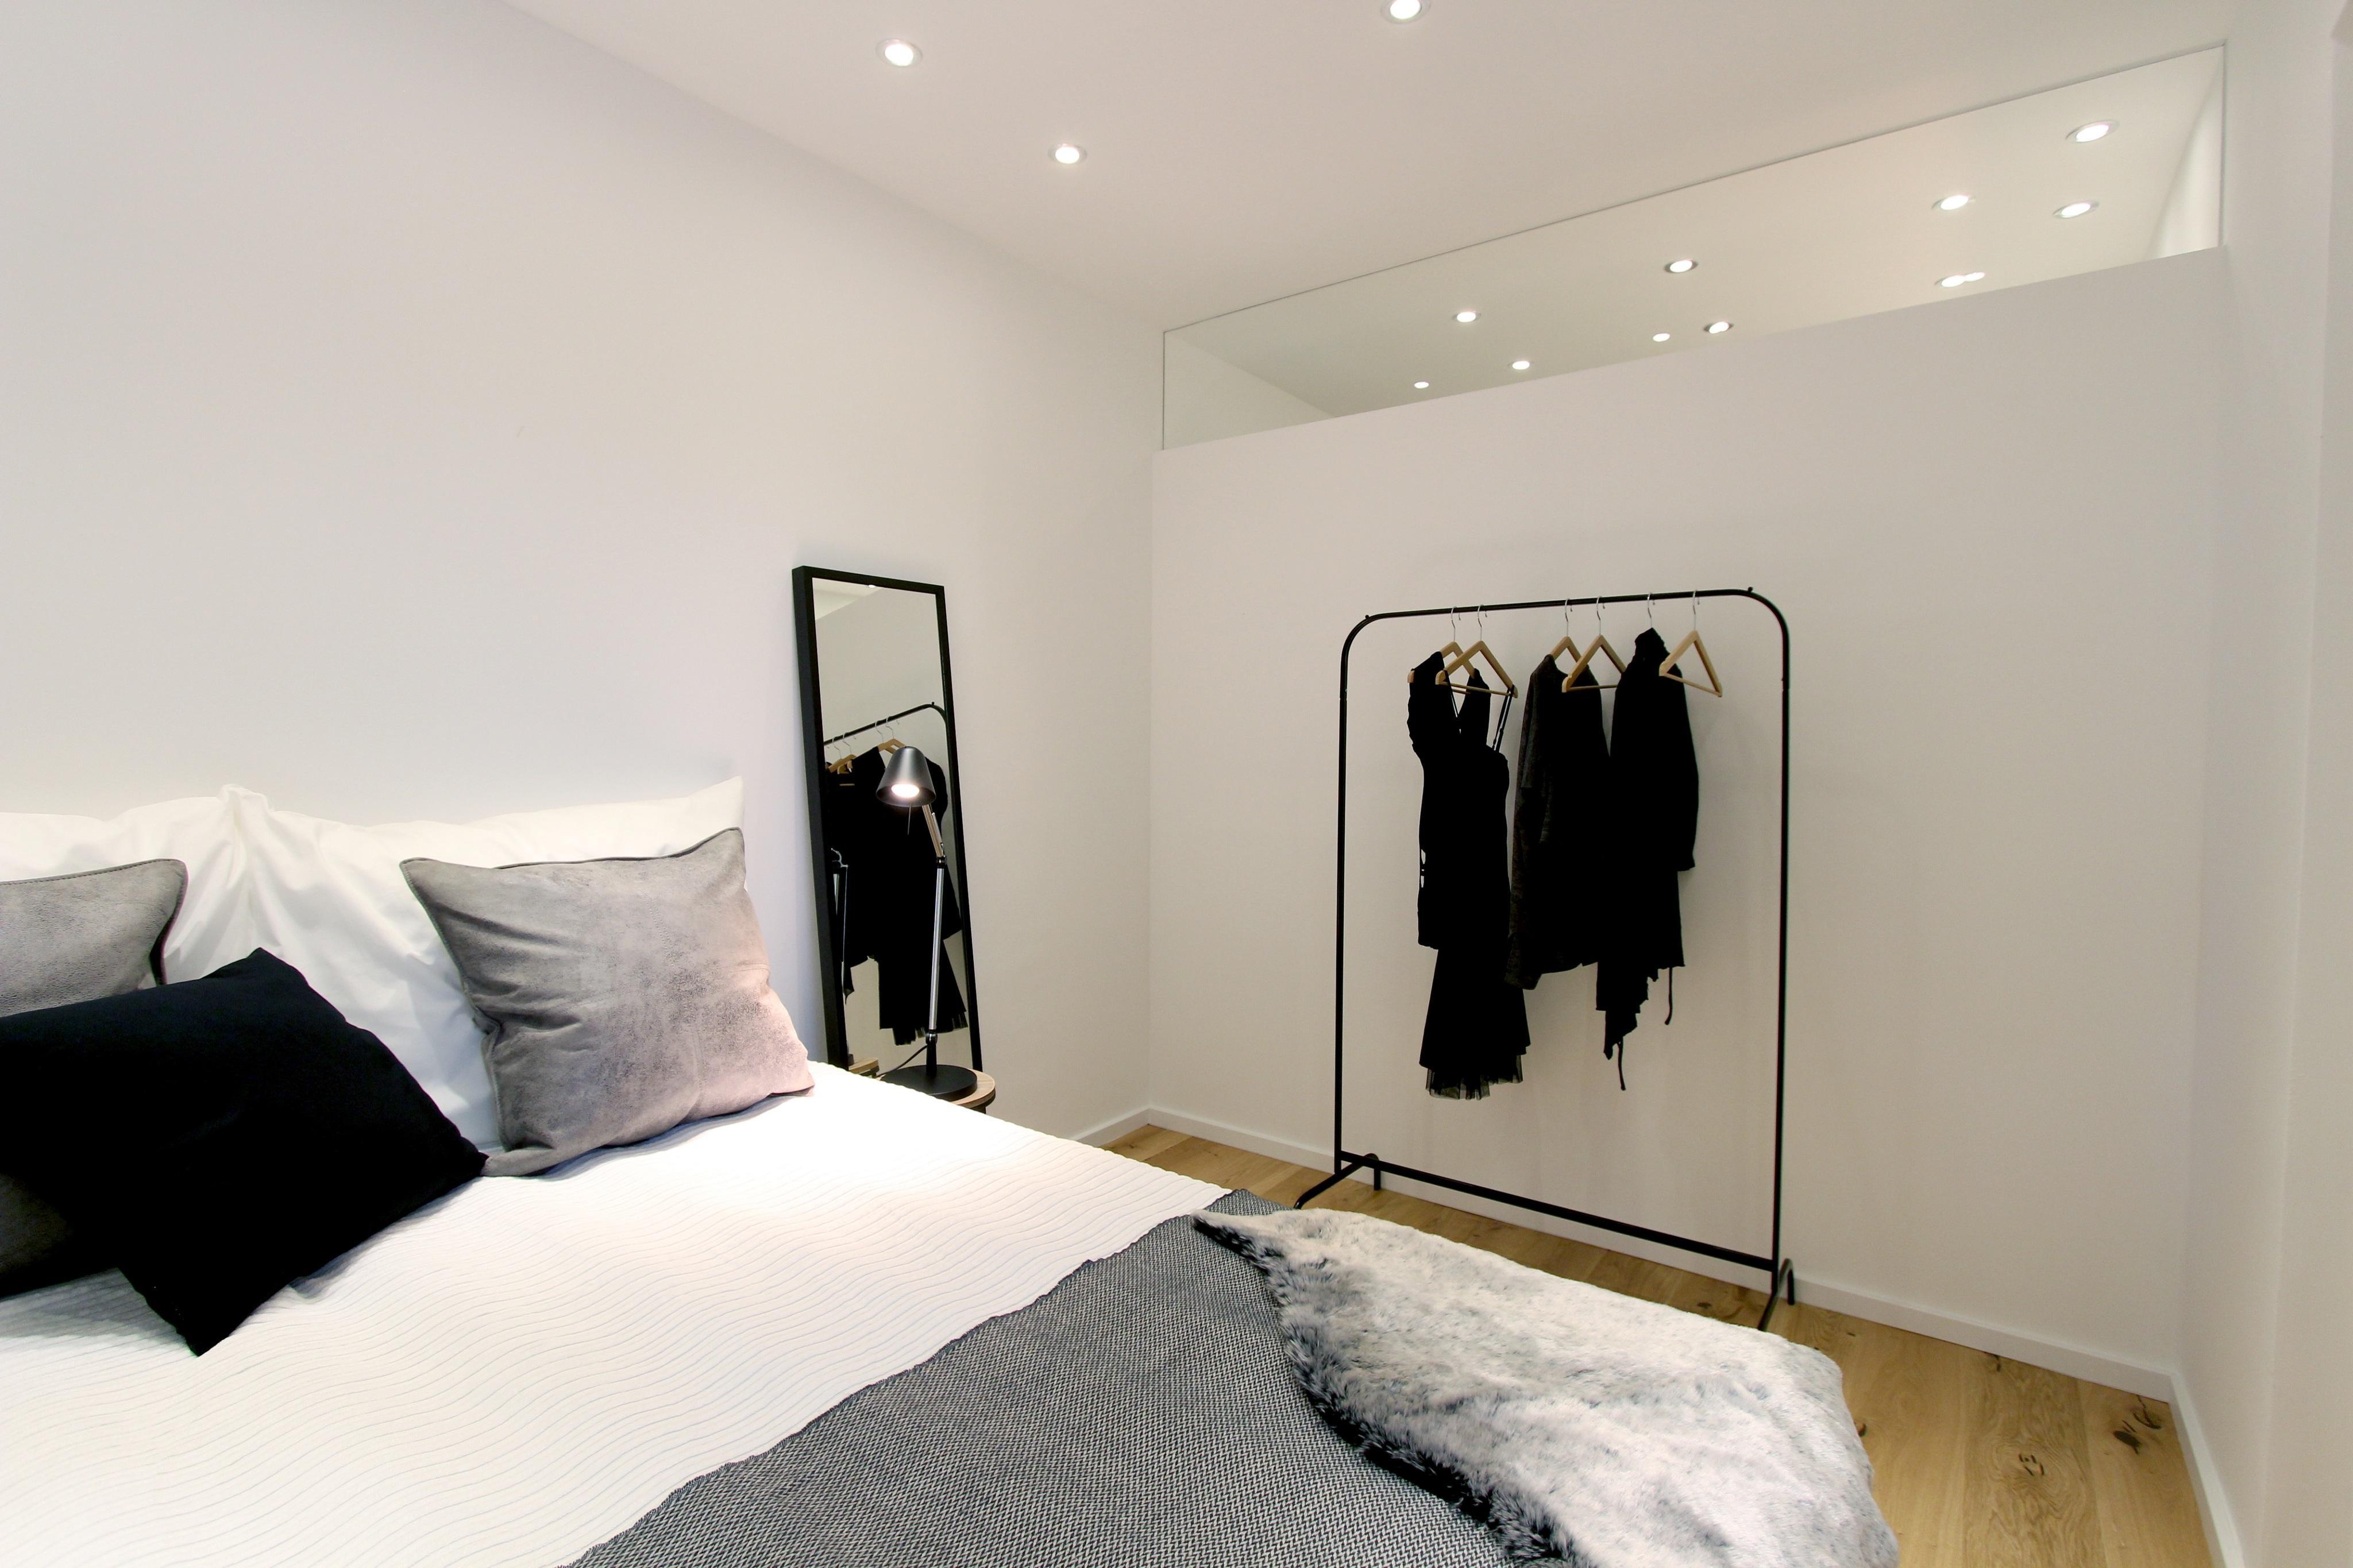 Kleiderständer Schlafzimmer home staging schlafzimmer bett kleiderständer ebe